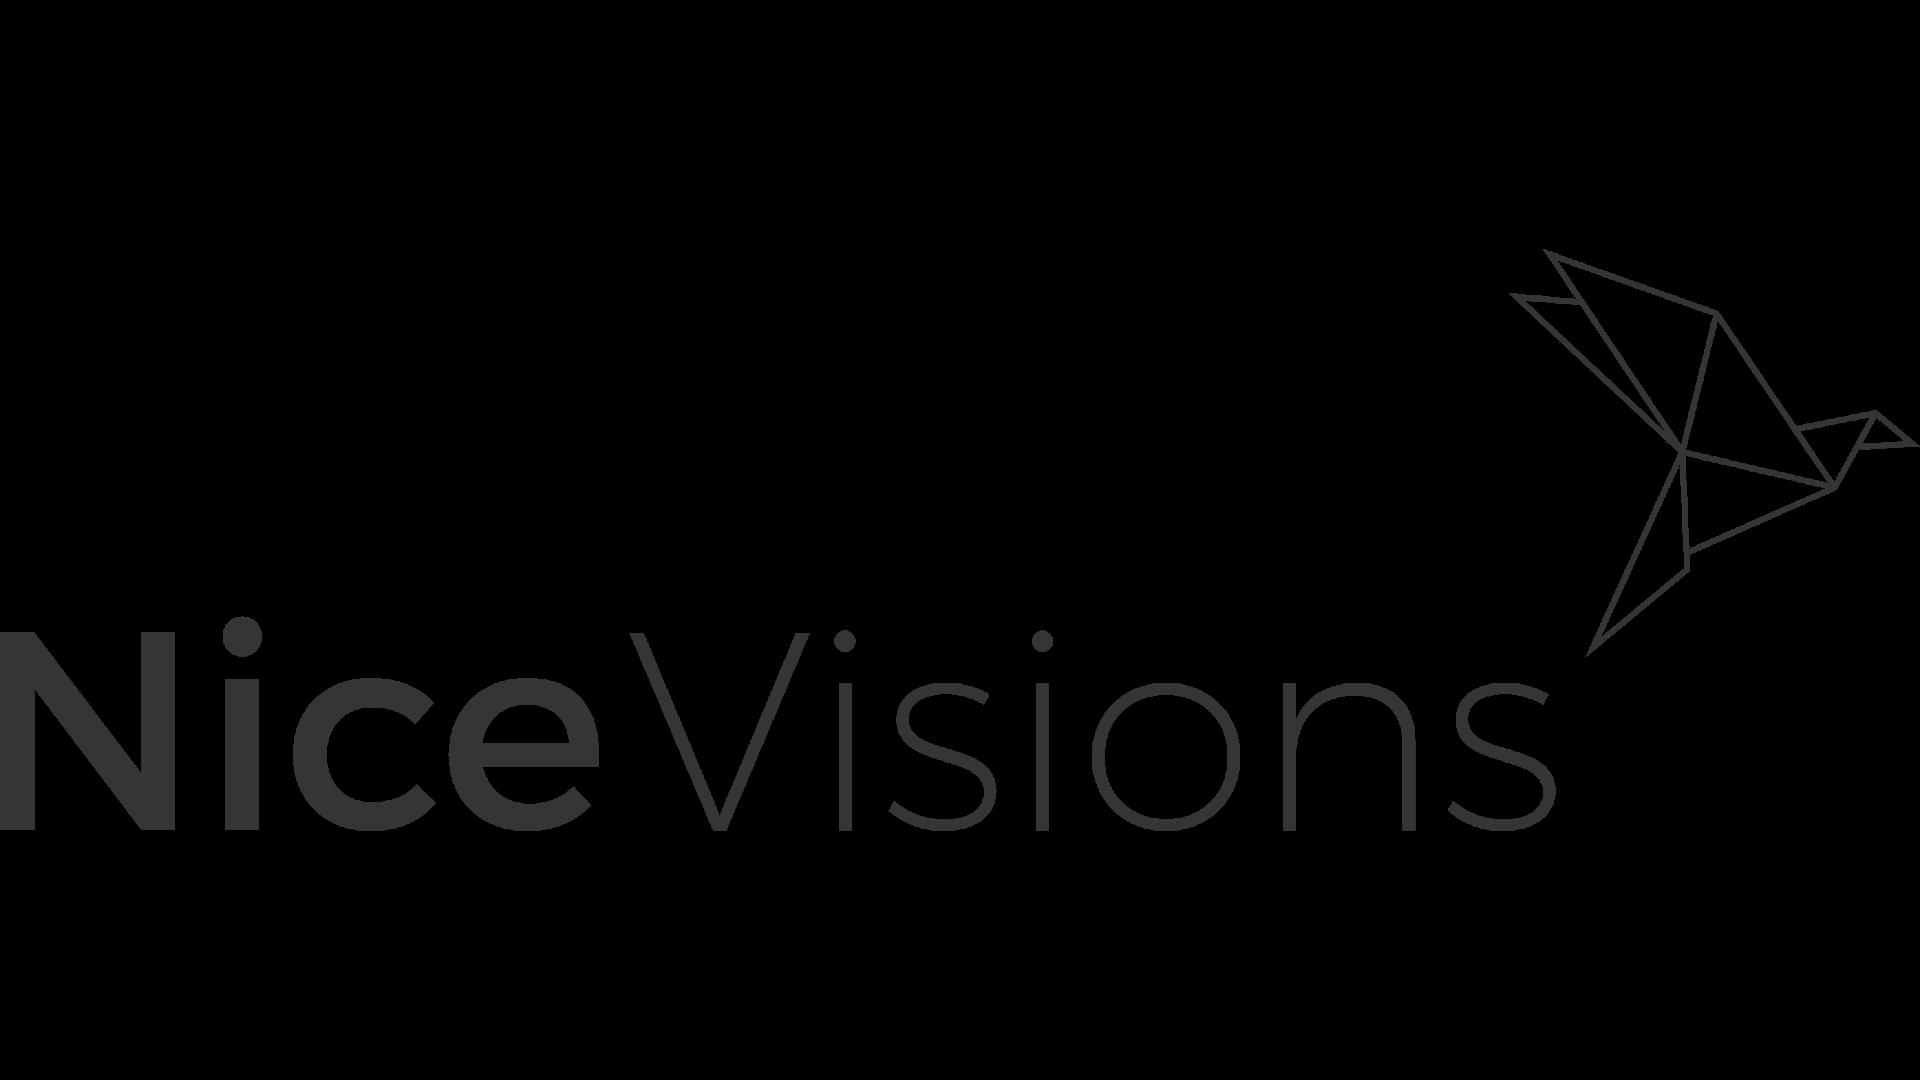 Nice Vision logo